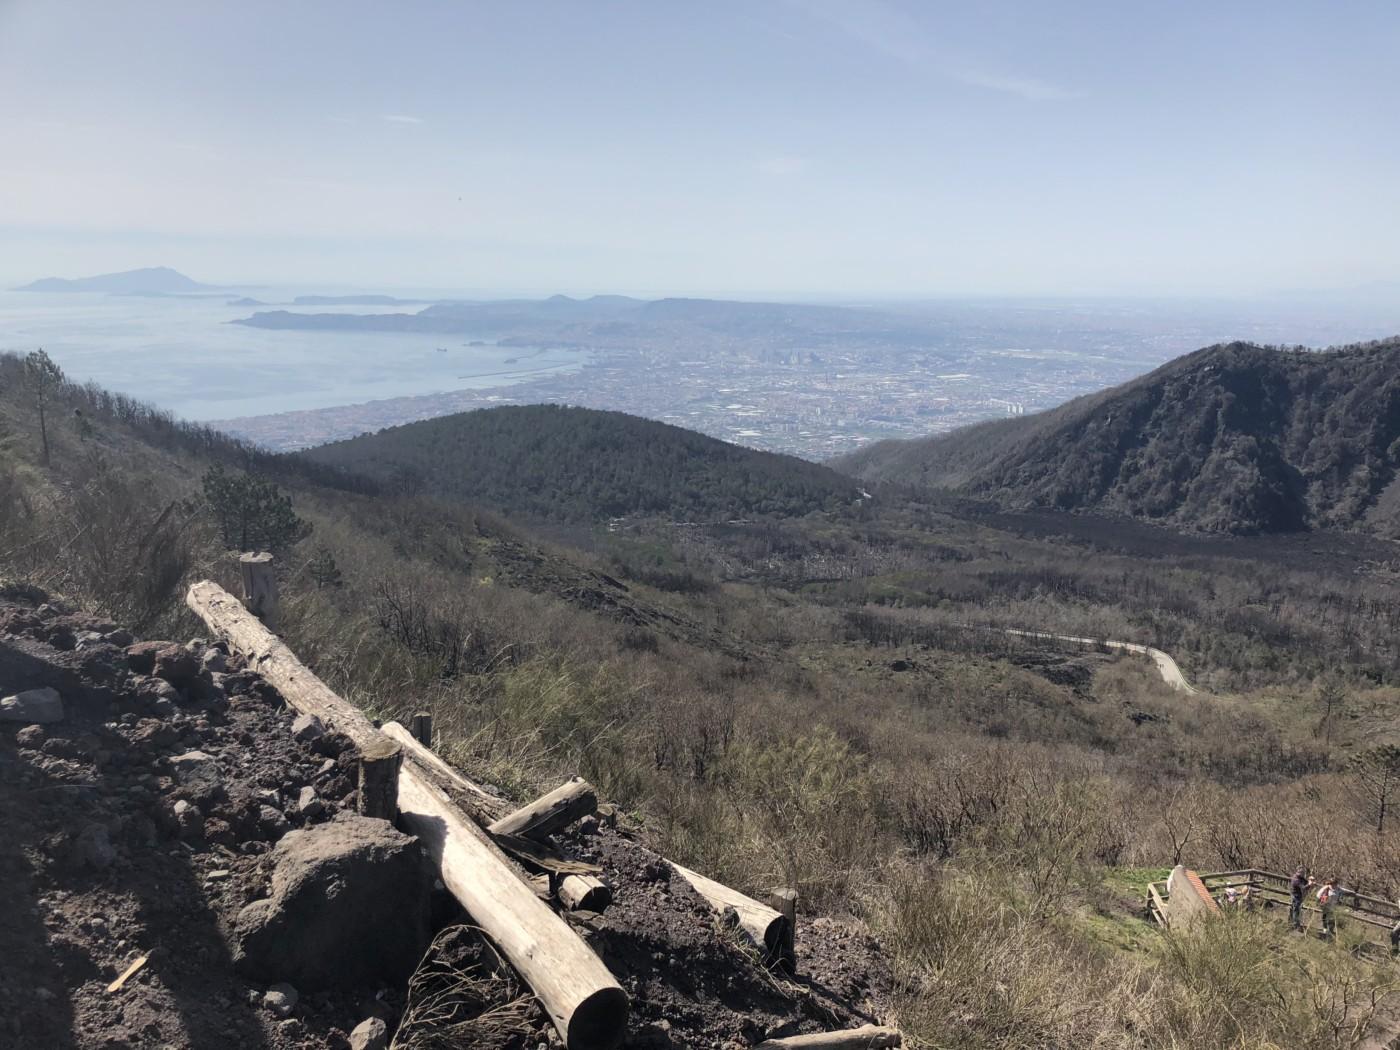 Visiting Pompeii, Italy and Climbing Mount Vesuvius